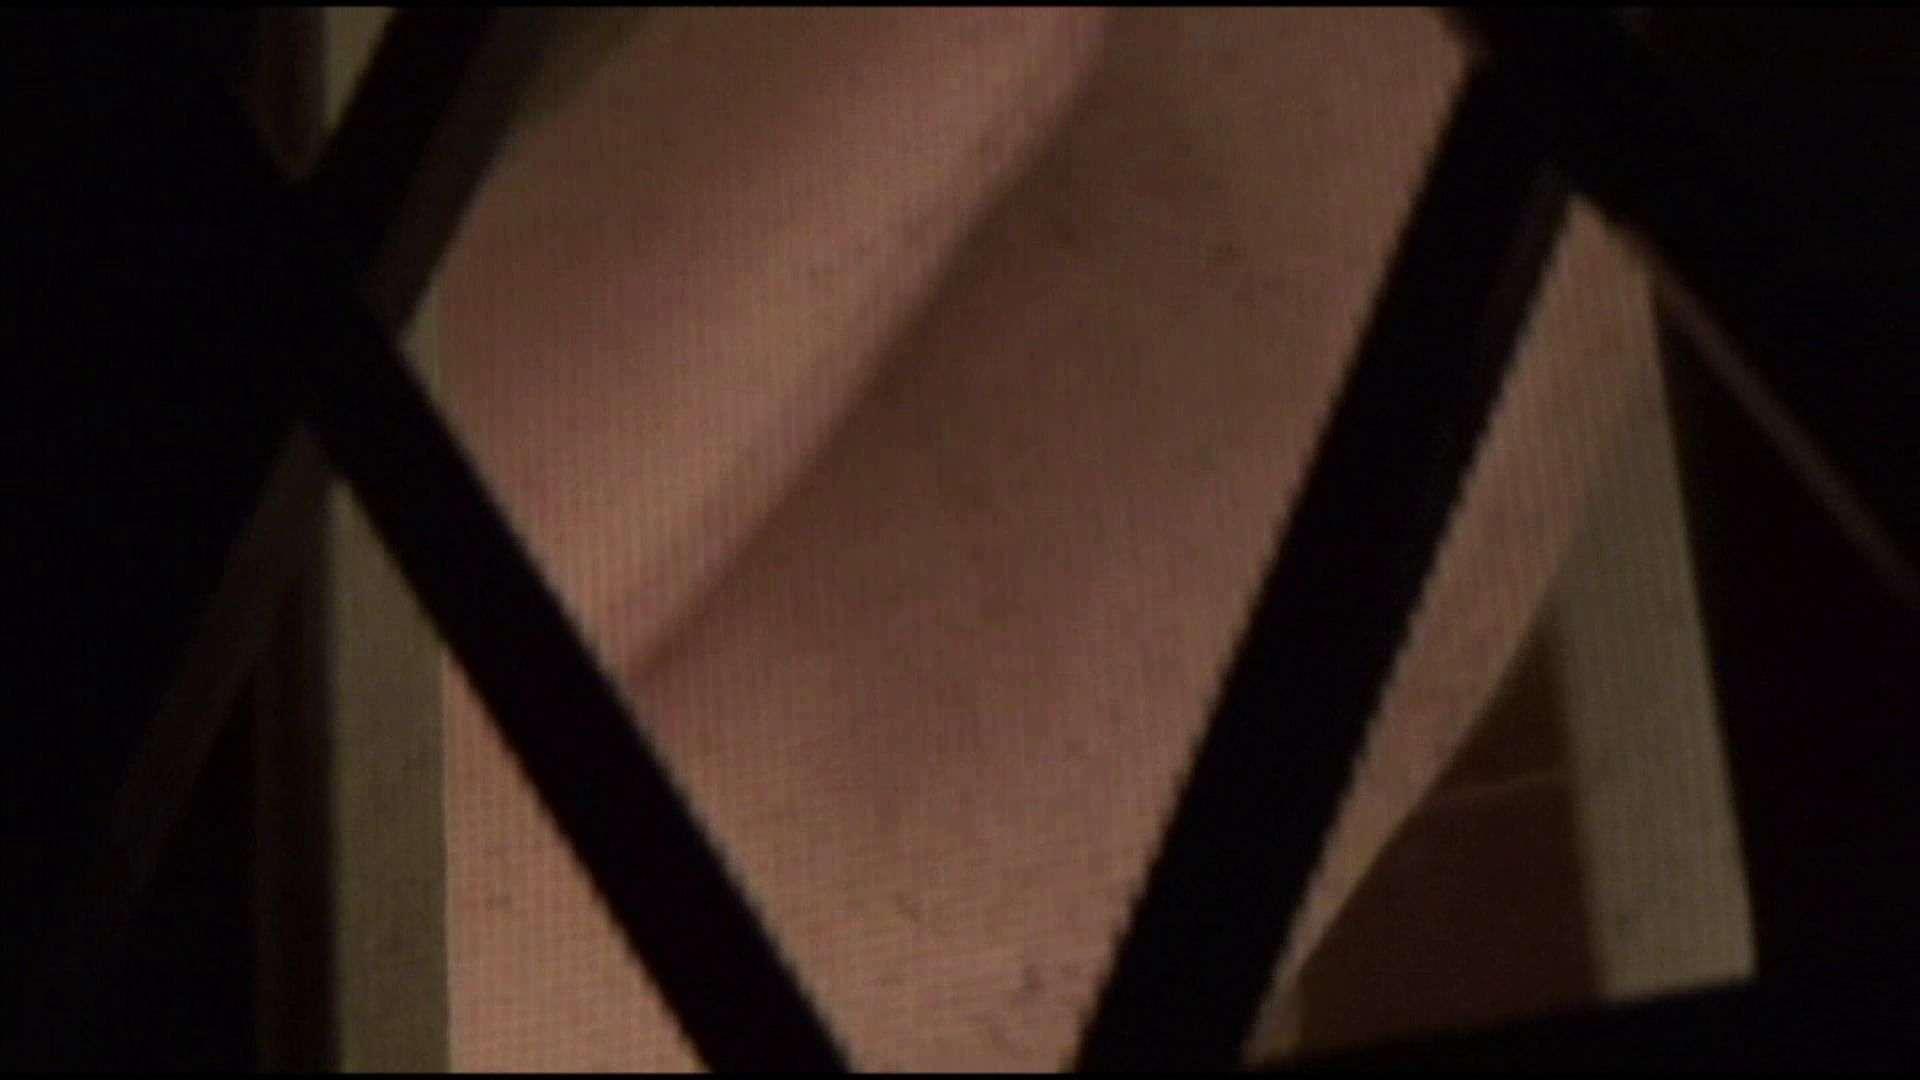 民家の騎士さんの最後の性戦ハイビジョン!!No.47 プライベート 盗み撮り動画 79画像 79